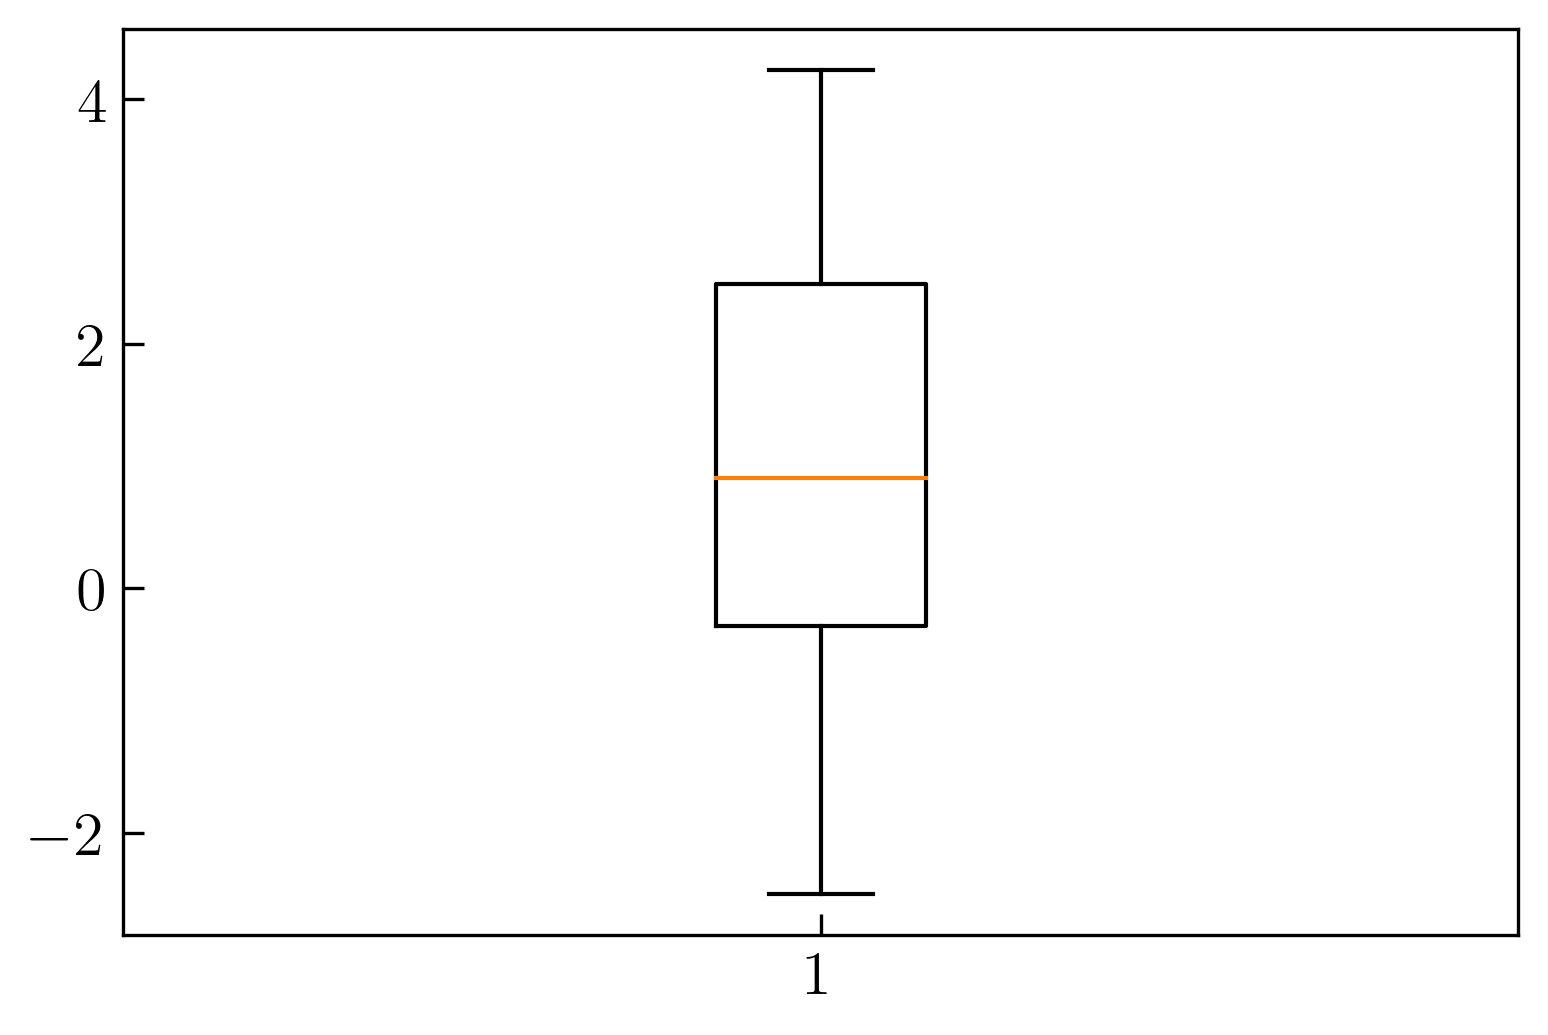 图3. 创建箱形图